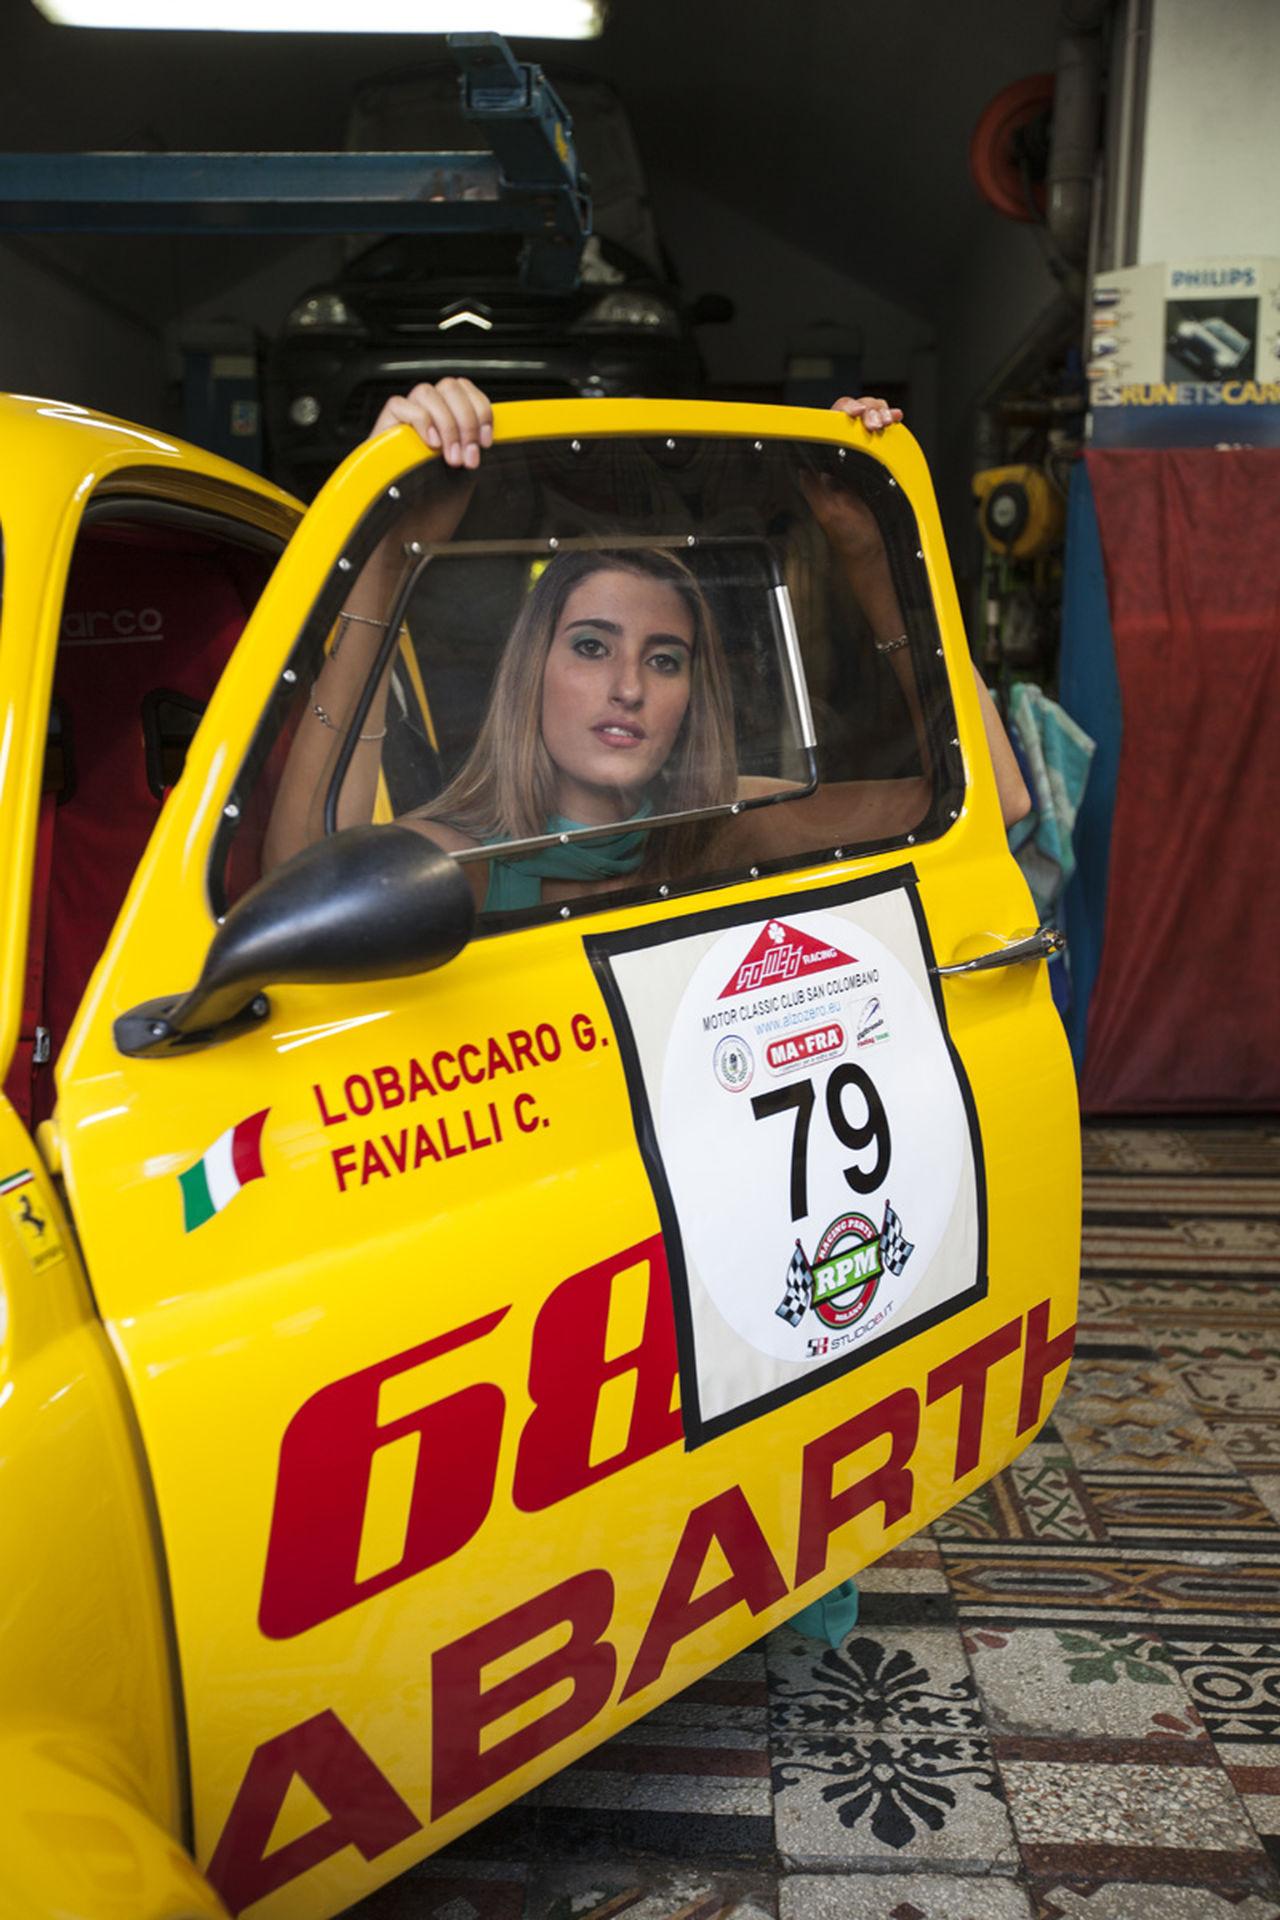 Abarth Car Girl Italian Car Race Car Small Car Yellow Yellow Car